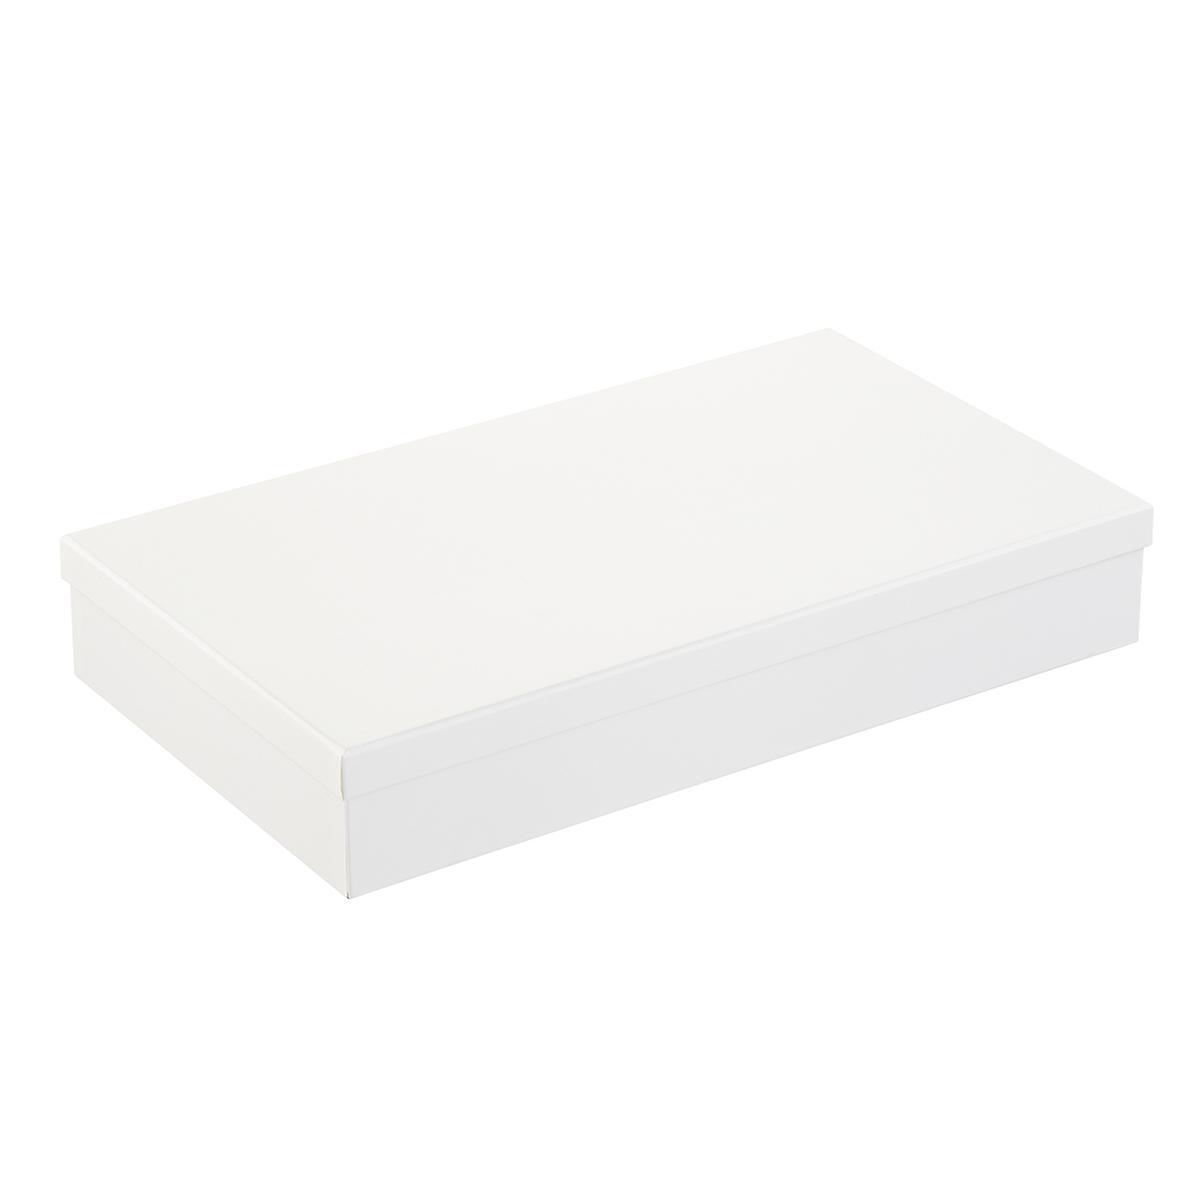 Our Premium White Gift Boxes